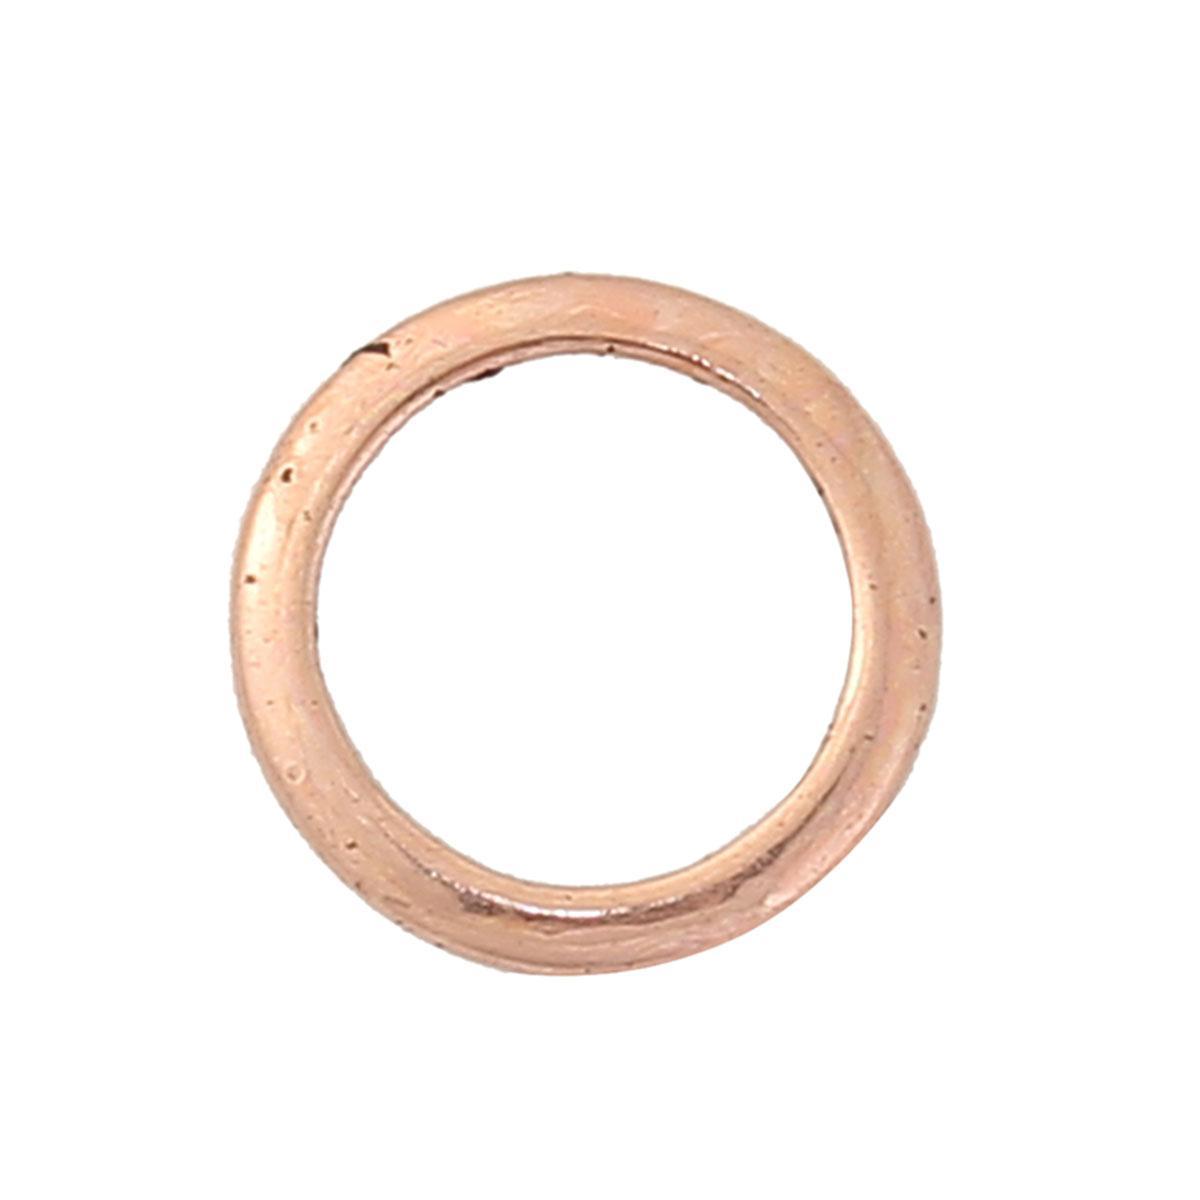 Колечко кругле, Закрите, Кругле, Колір: Рожеве золото, діаметр 12 мм